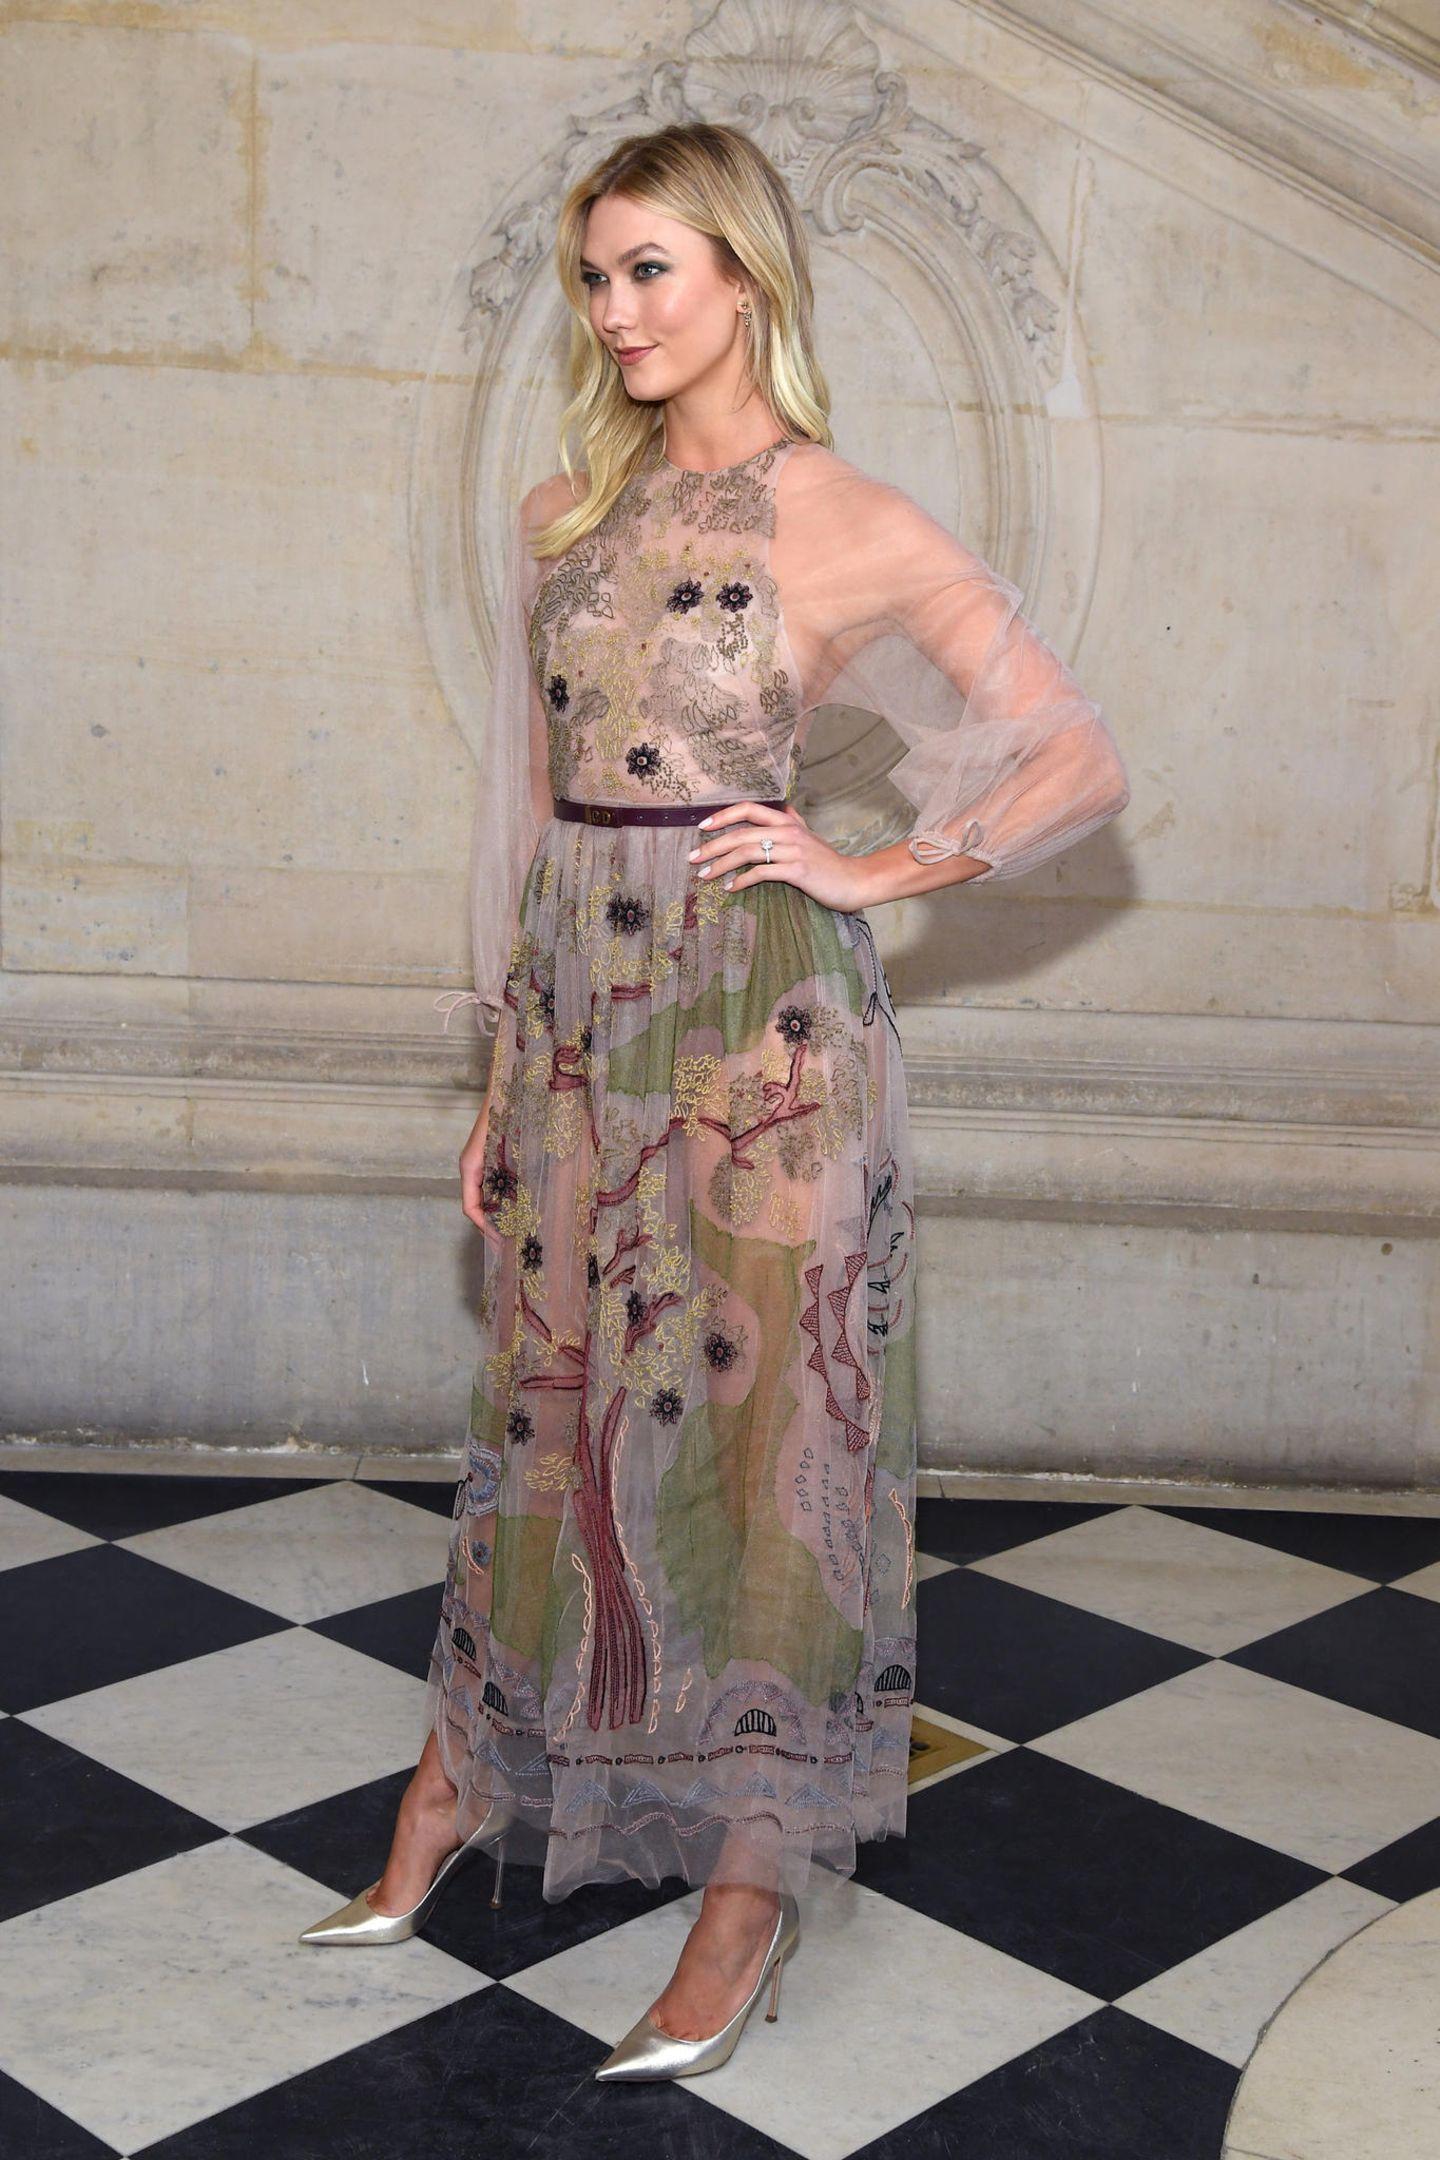 Kloss zeigt in diesem Look wie man gekonnt sexy Einblicke gewähren kann, ohne vulgär zu wirken. Ein traumhaft transparentes Dress, finden Sie nicht?